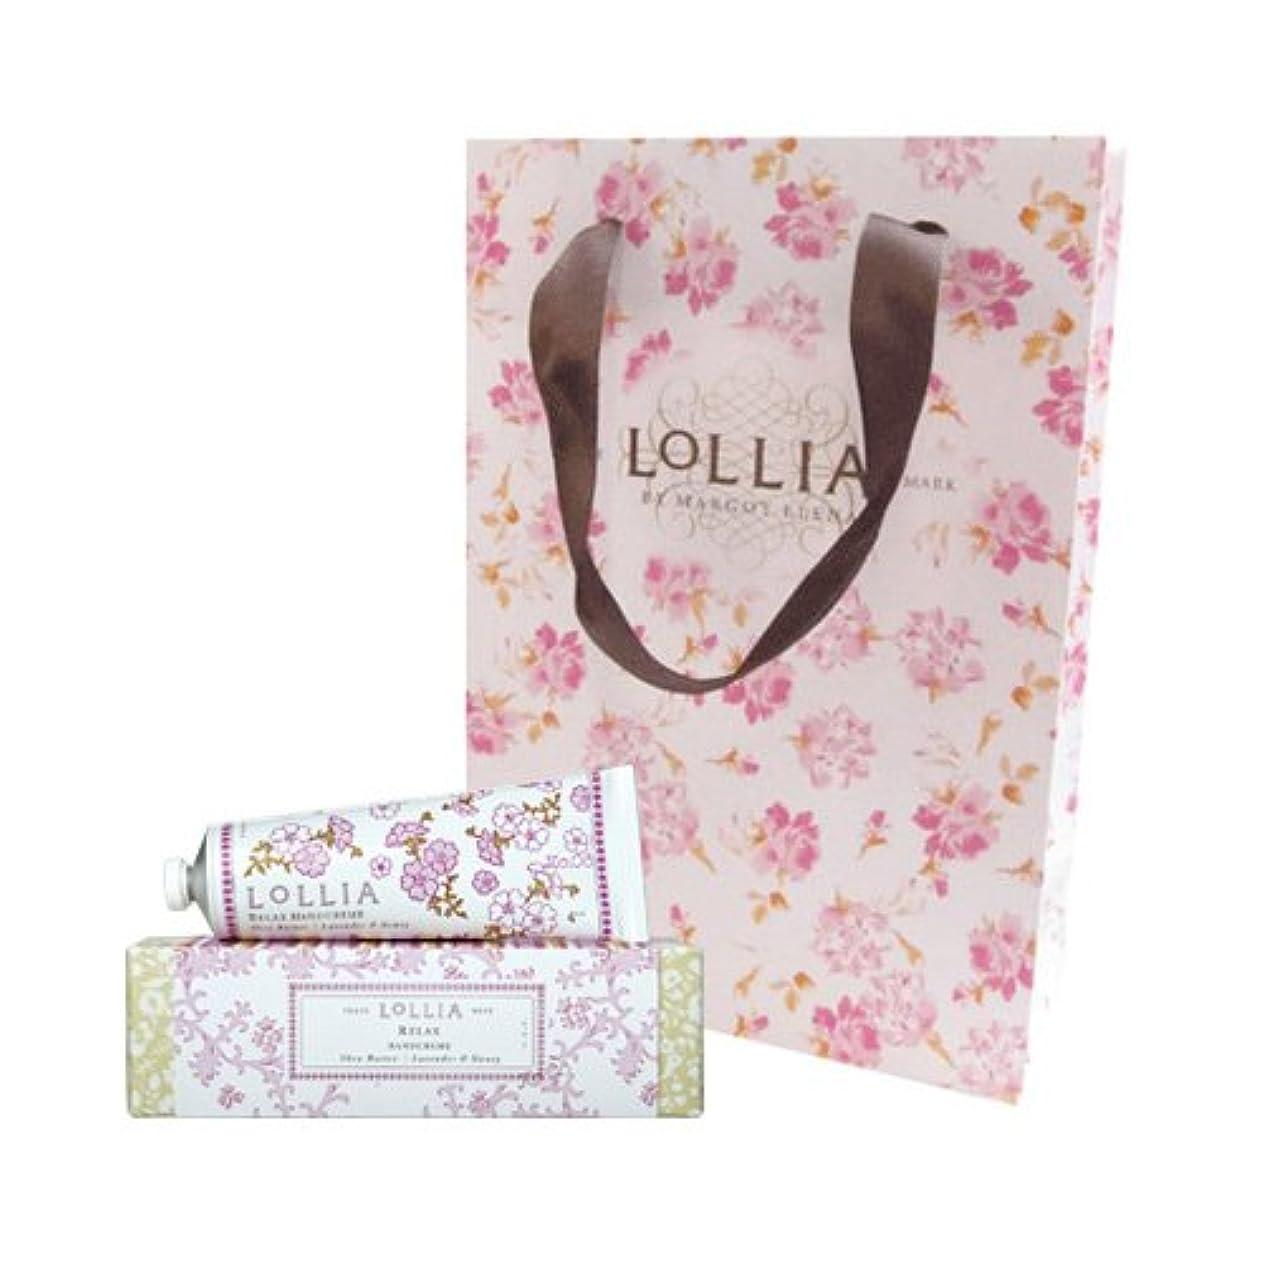 即席慢なデータロリア(LoLLIA) ハンドクリーム Relax 35g (蘭、ラベンダー、バニラとハニーの甘い香り) ショッパー付